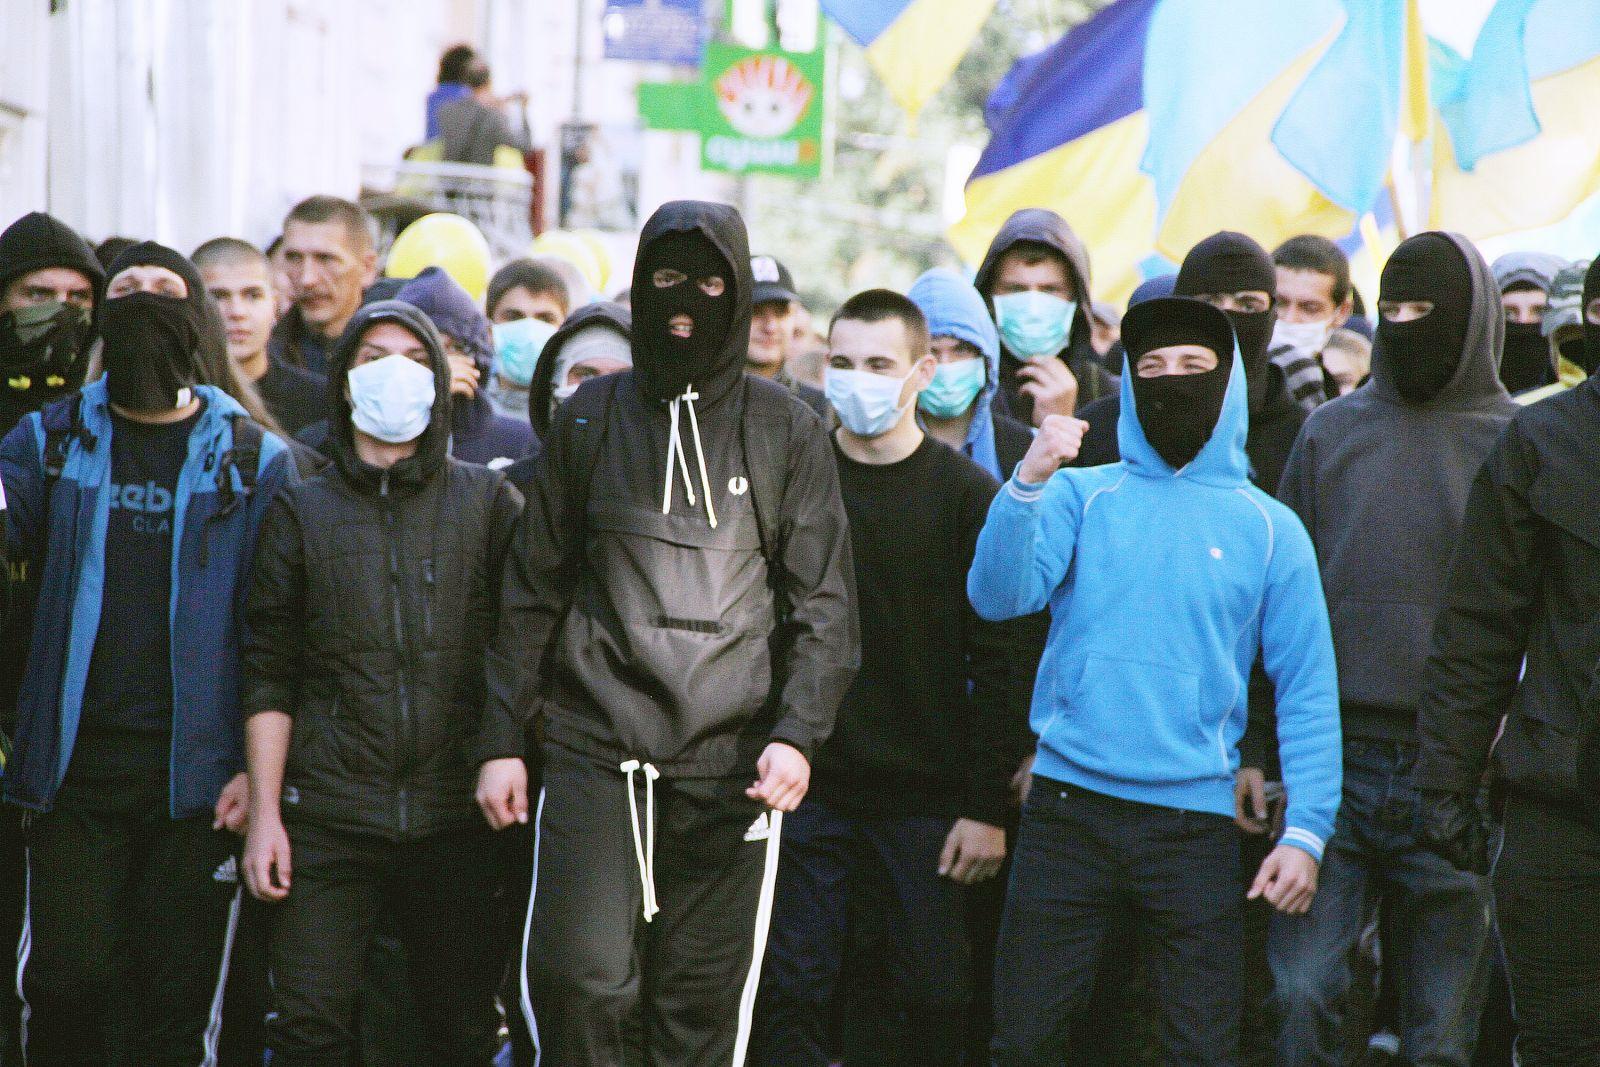 Режим прекращения свободы слова. Кто следующий после Муравицкого?